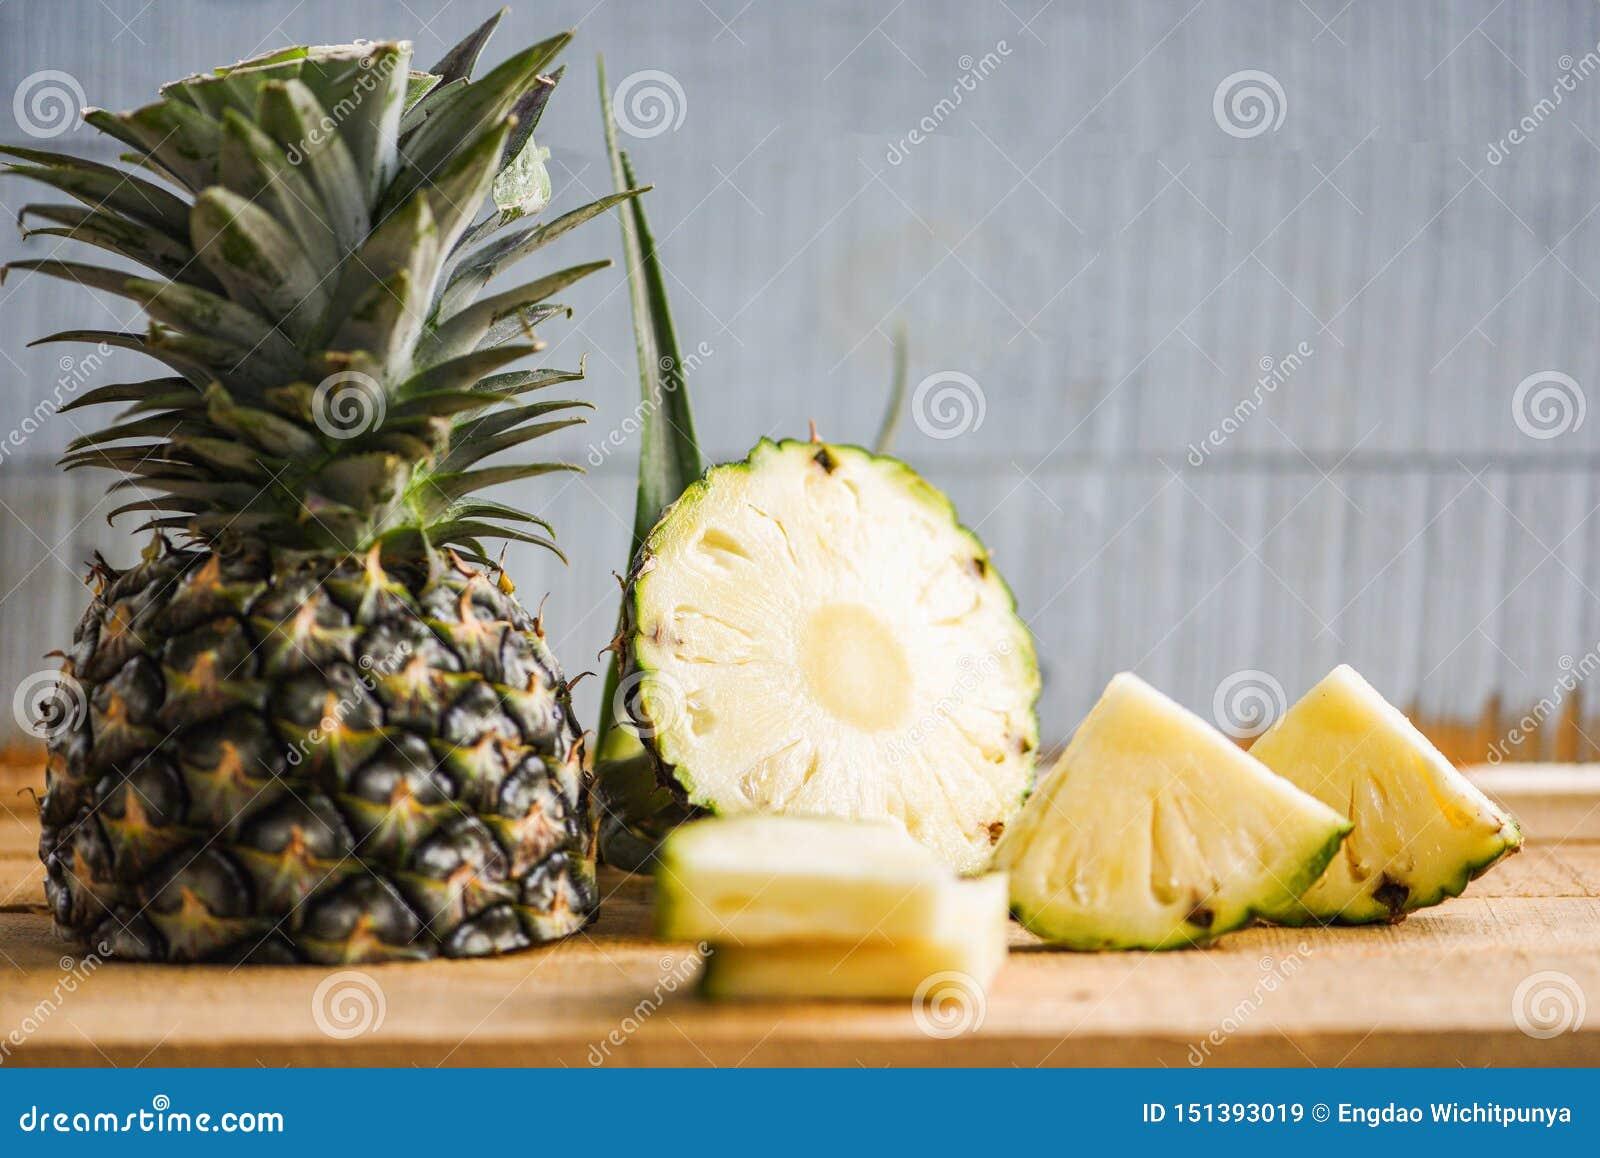 Tranche d ananas sur la table en bois - fruit frais d été d ananas